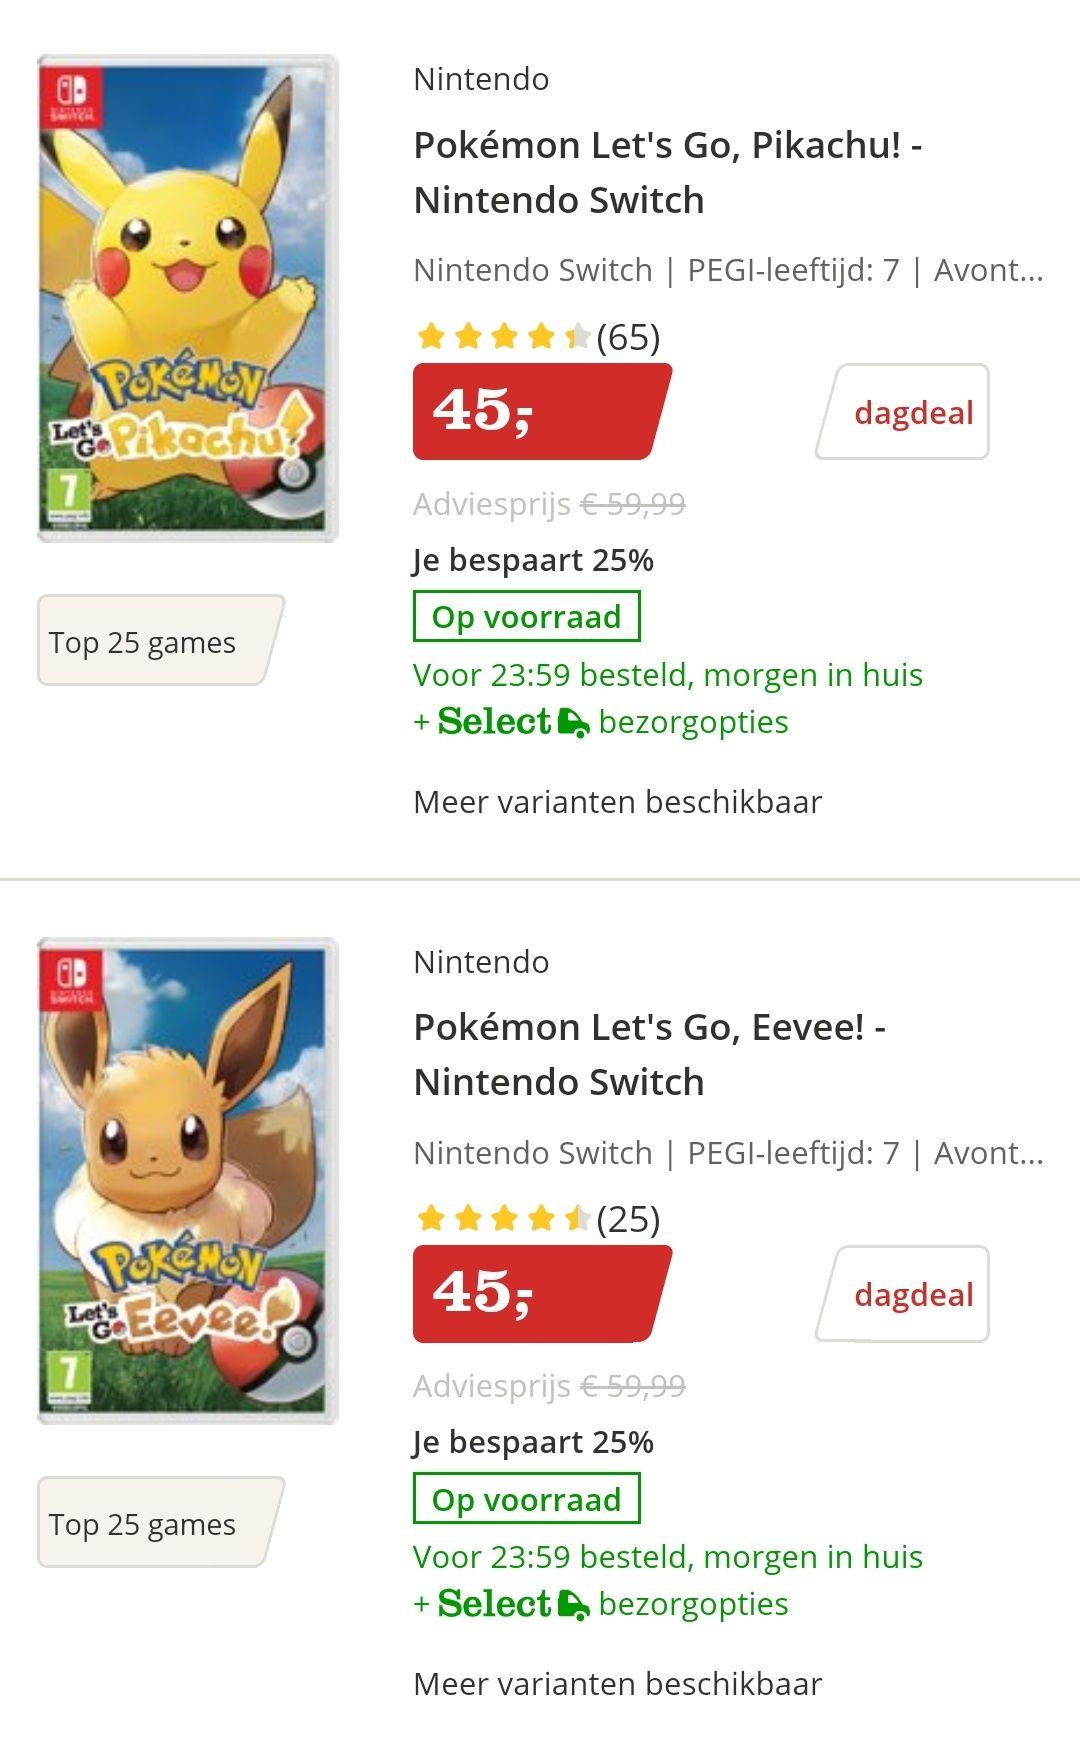 Dagdeals diverse Pokémon artikelen [bol.com]